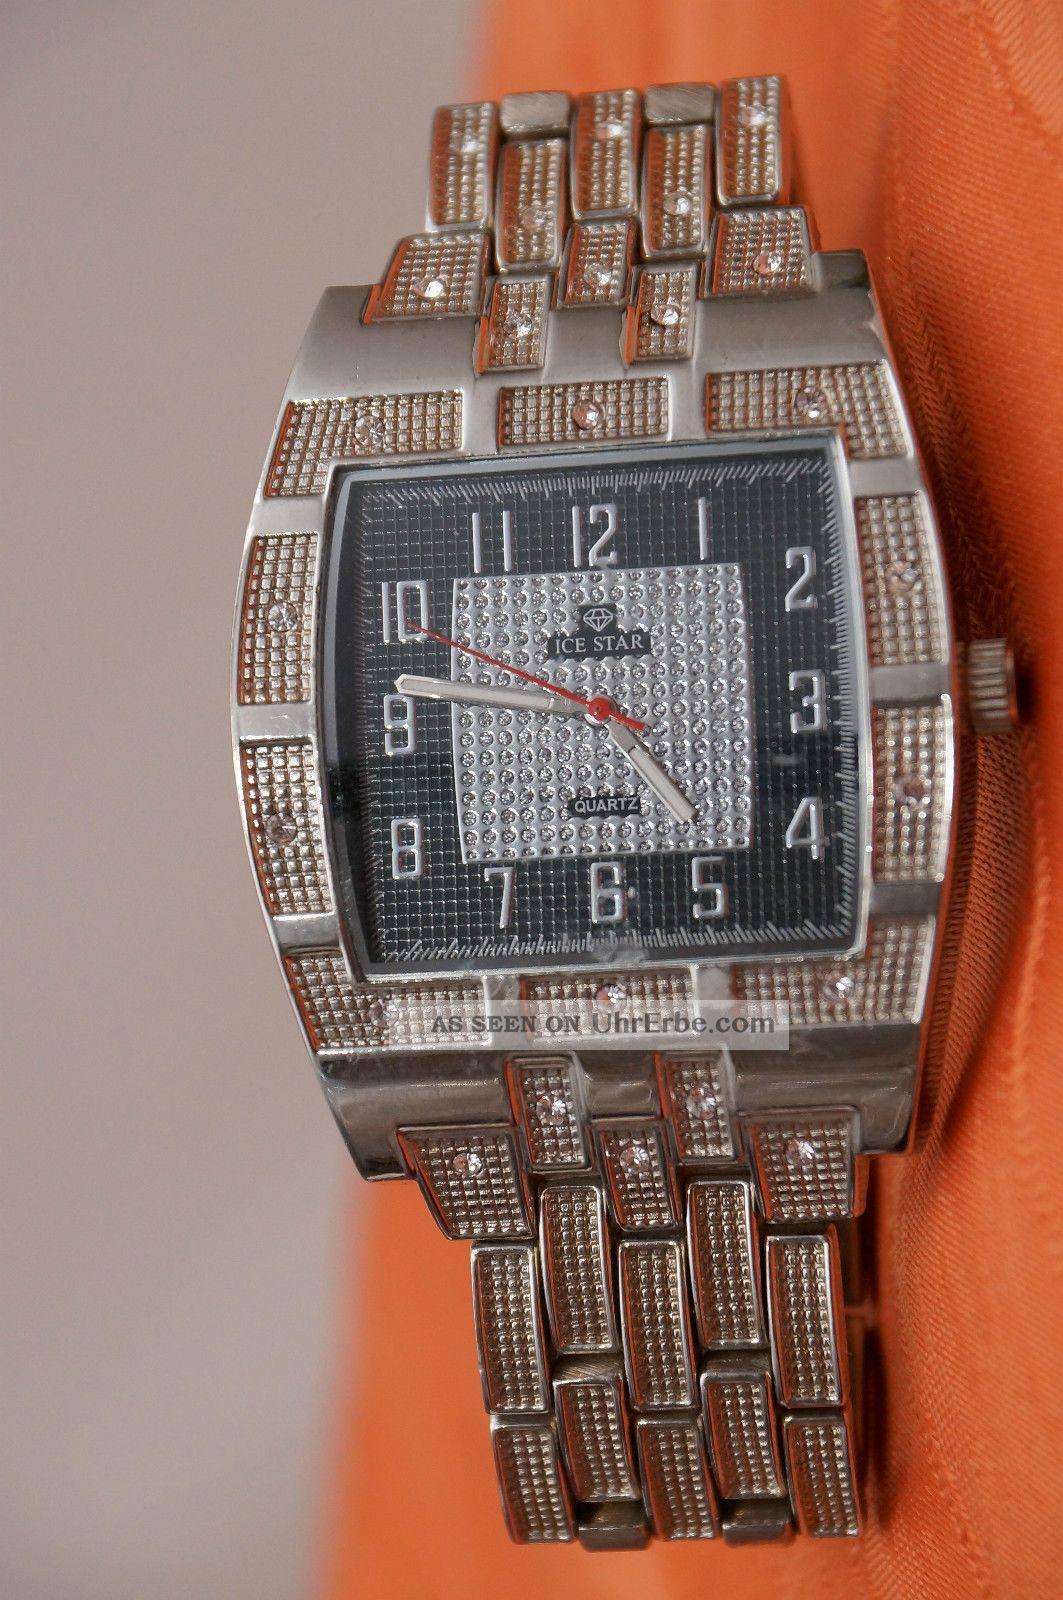 Ice Watch Ice Star Damenuhr / Herrenuhr Und Edel Hip Hop Uhr Armbanduhren Bild